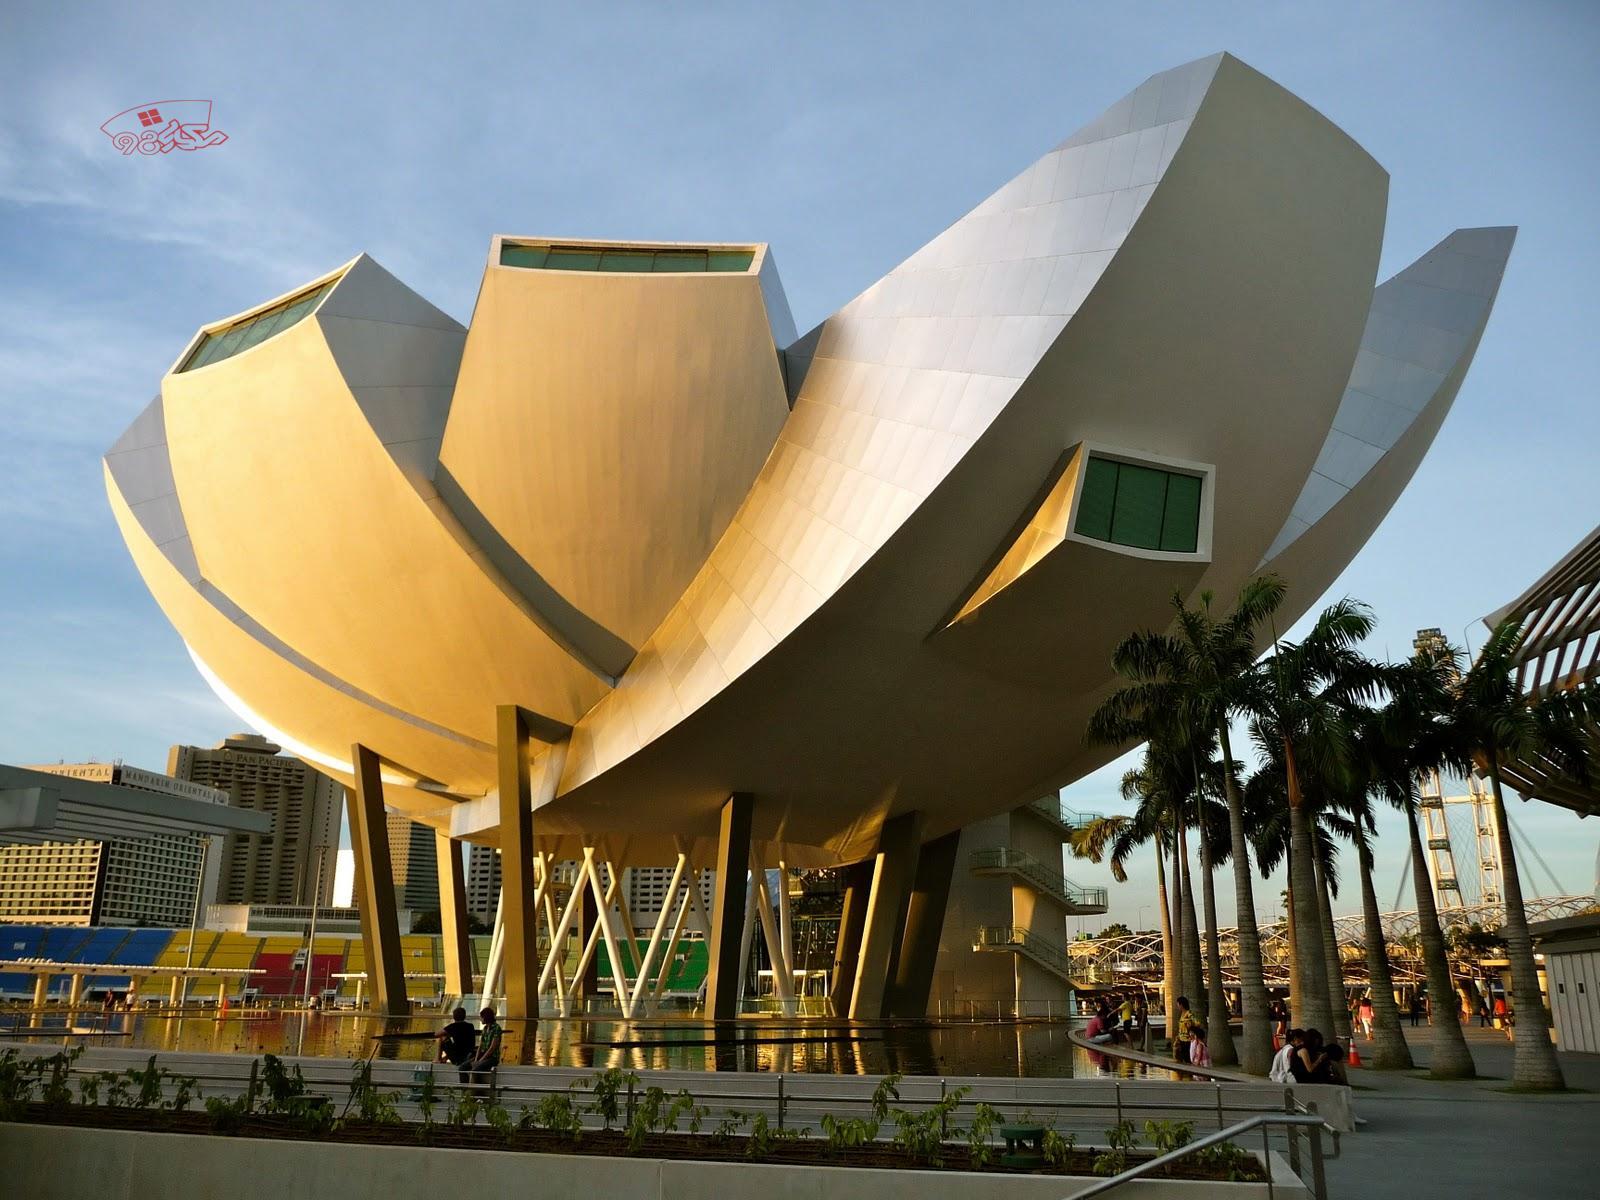 تحلیل کامل موزه علم و هنر سنگاپور